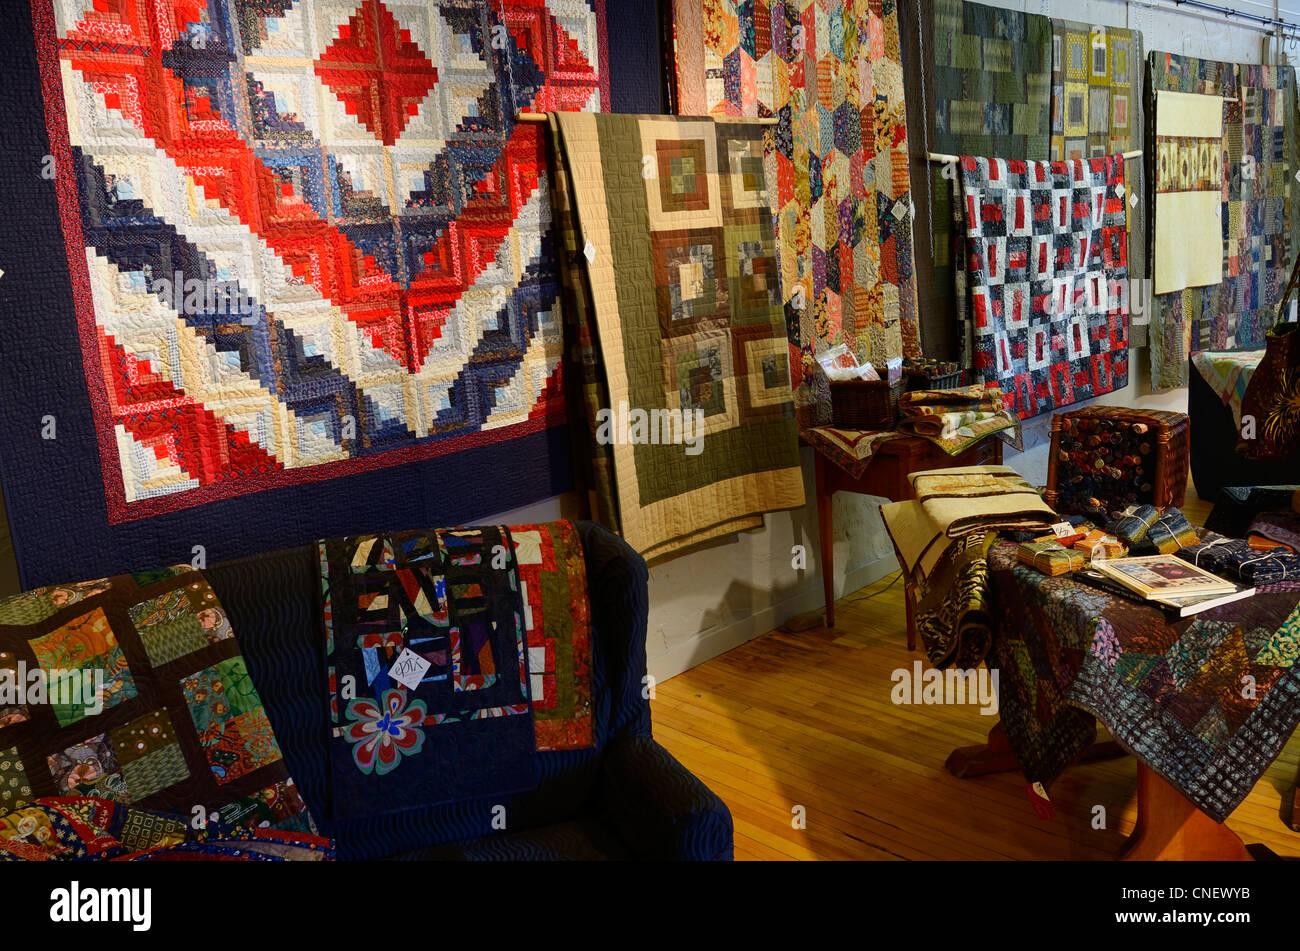 Exposition de patchwork dans le village silos à l'usine de boutiques d'Artisanat et galeries d'art Photo Stock